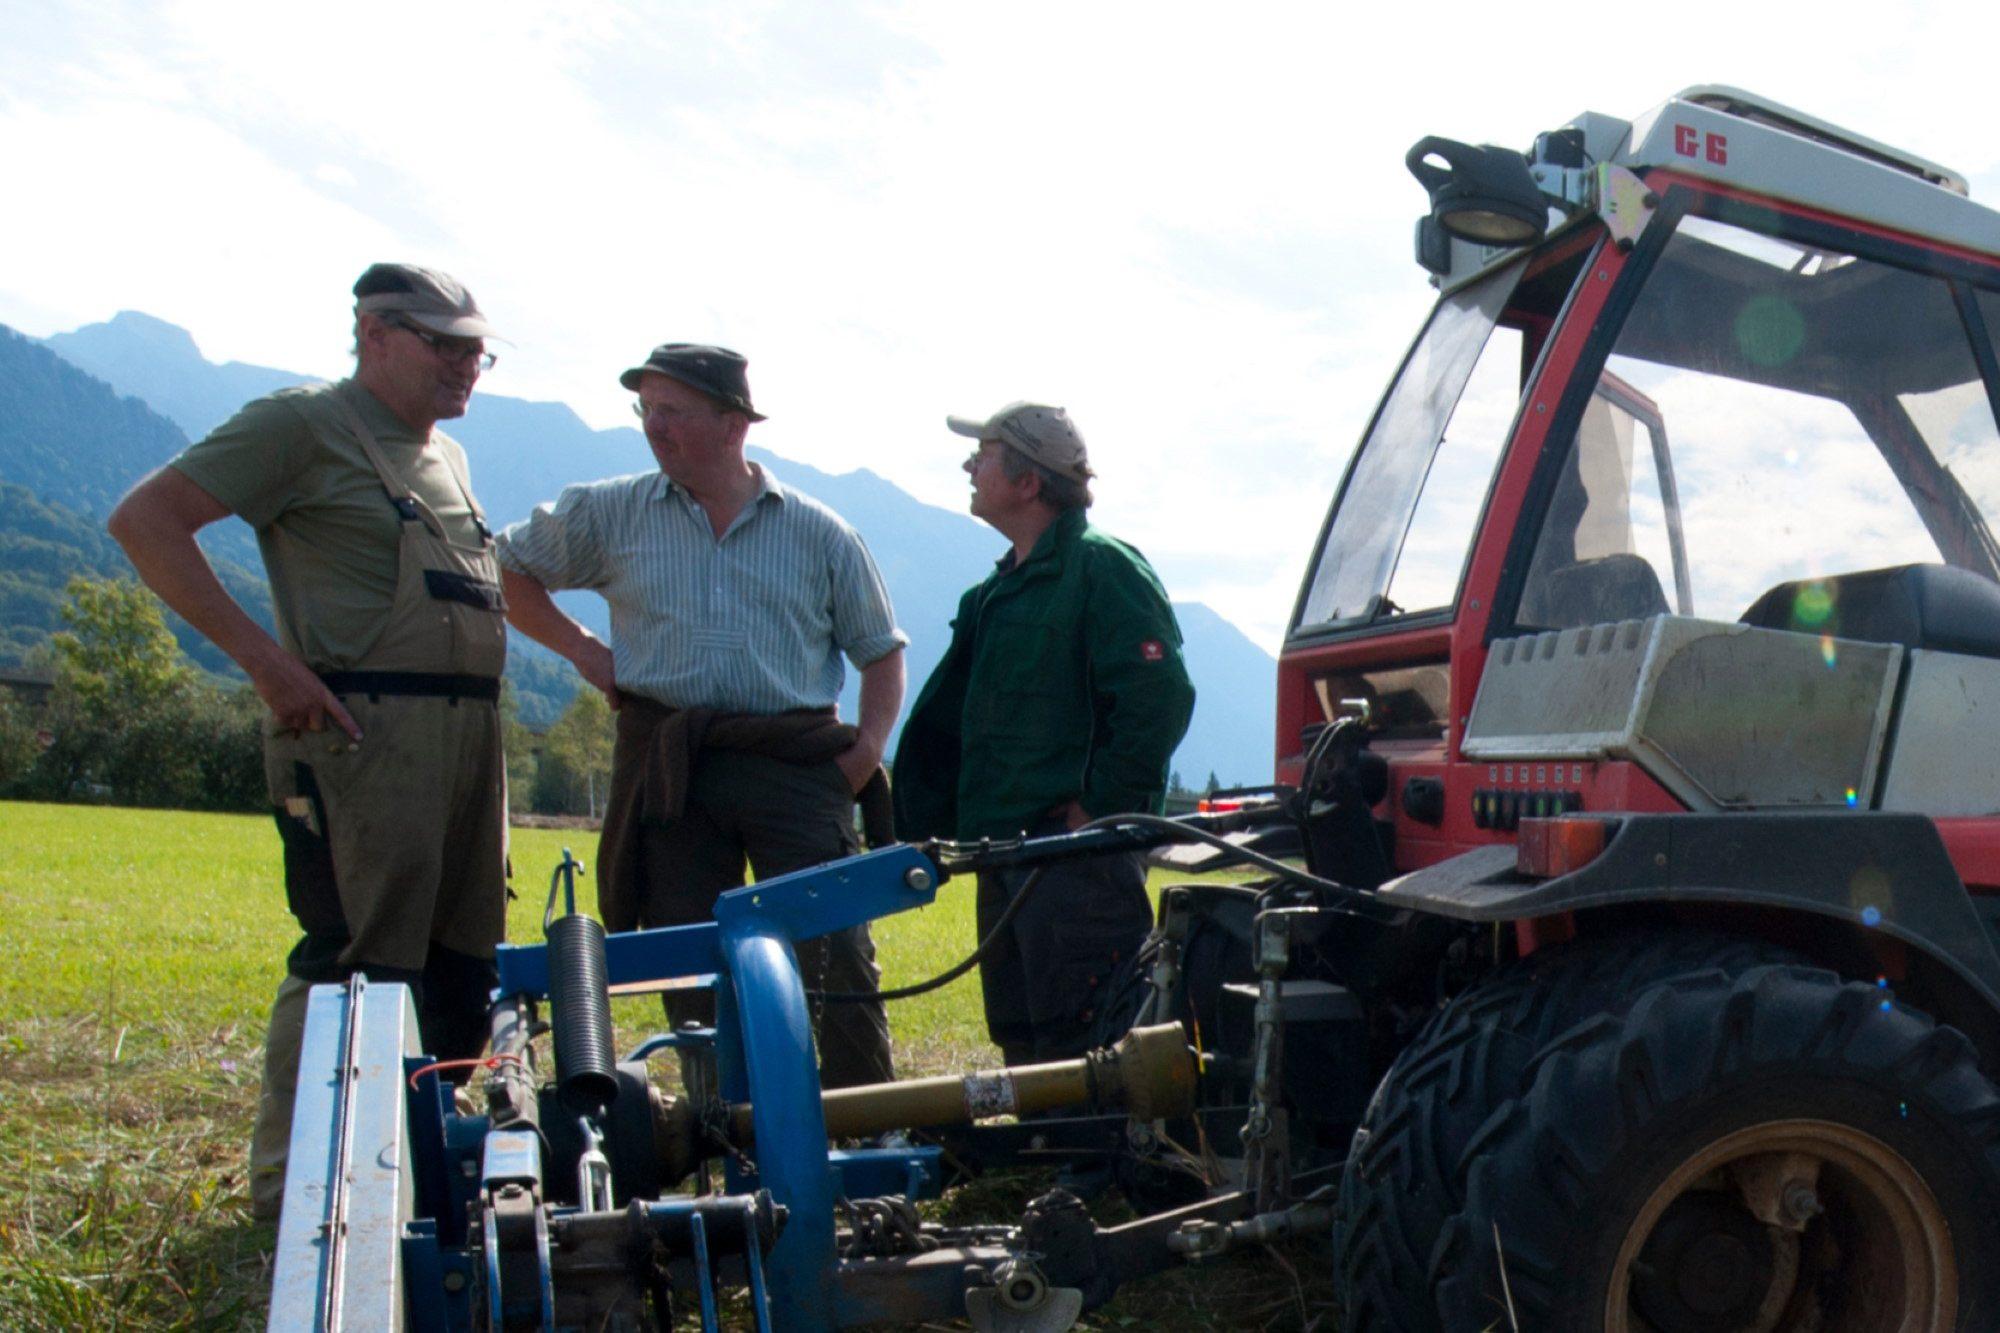 Drei Männer stehen vor einem Traktor und unterhalten sich auf einer Wiese, mit den Bergen im Hintergrund